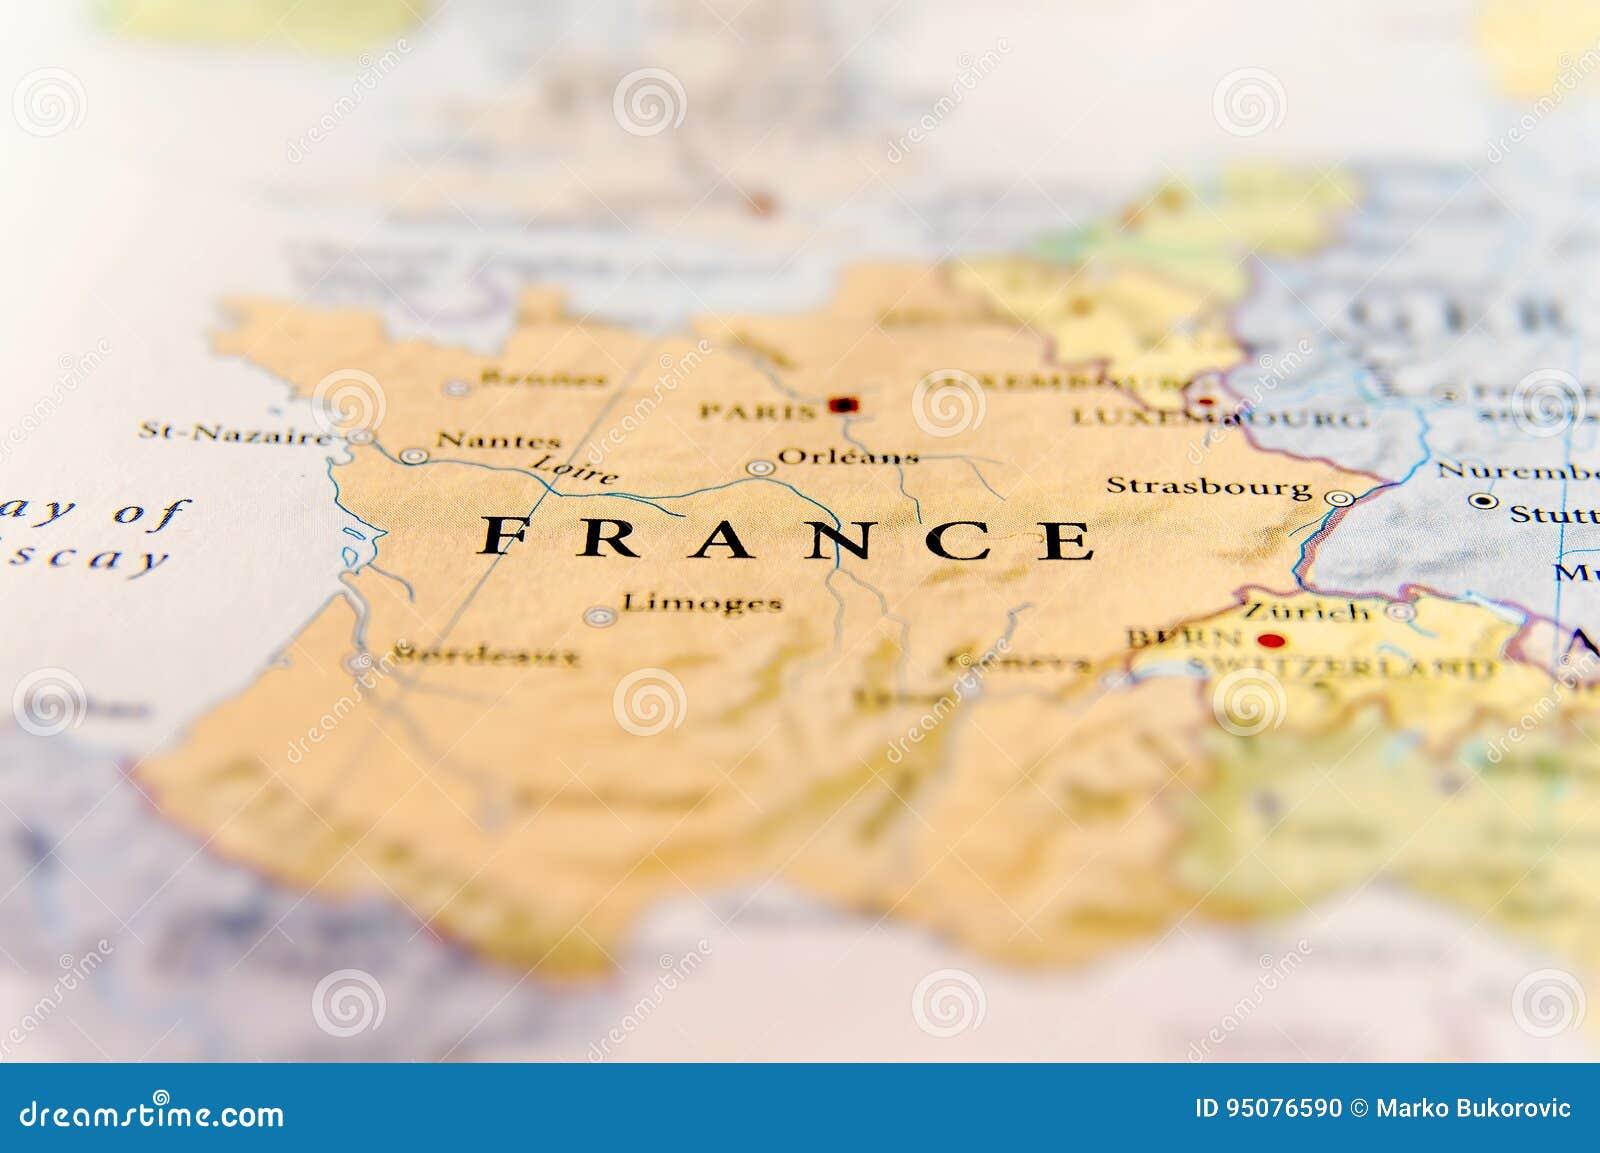 Geografisk Oversikt Av Det Europeiska Landet Frankrike Med Viktiga Stader Arkivfoto Bild Av Cartography Cartographic 95076590